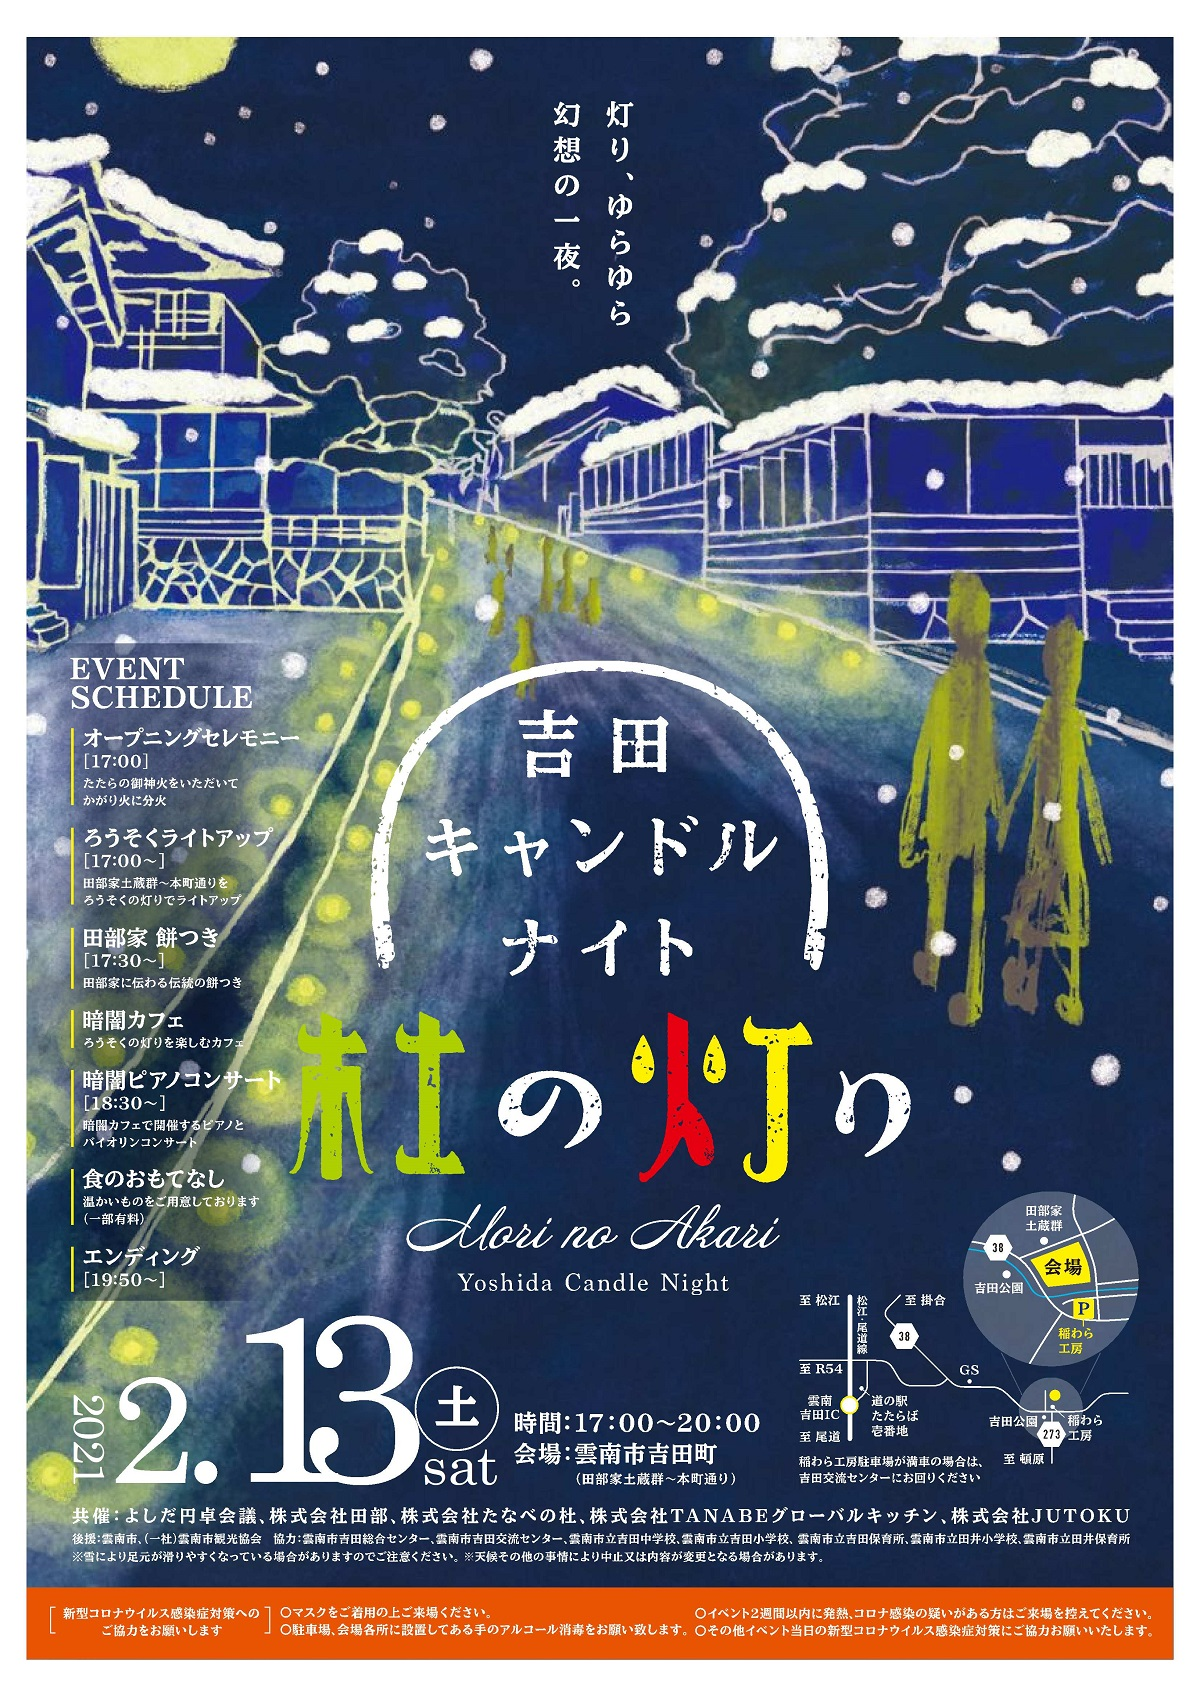 2021.2.13開催「吉田キャンドルナイト 杜の灯り」